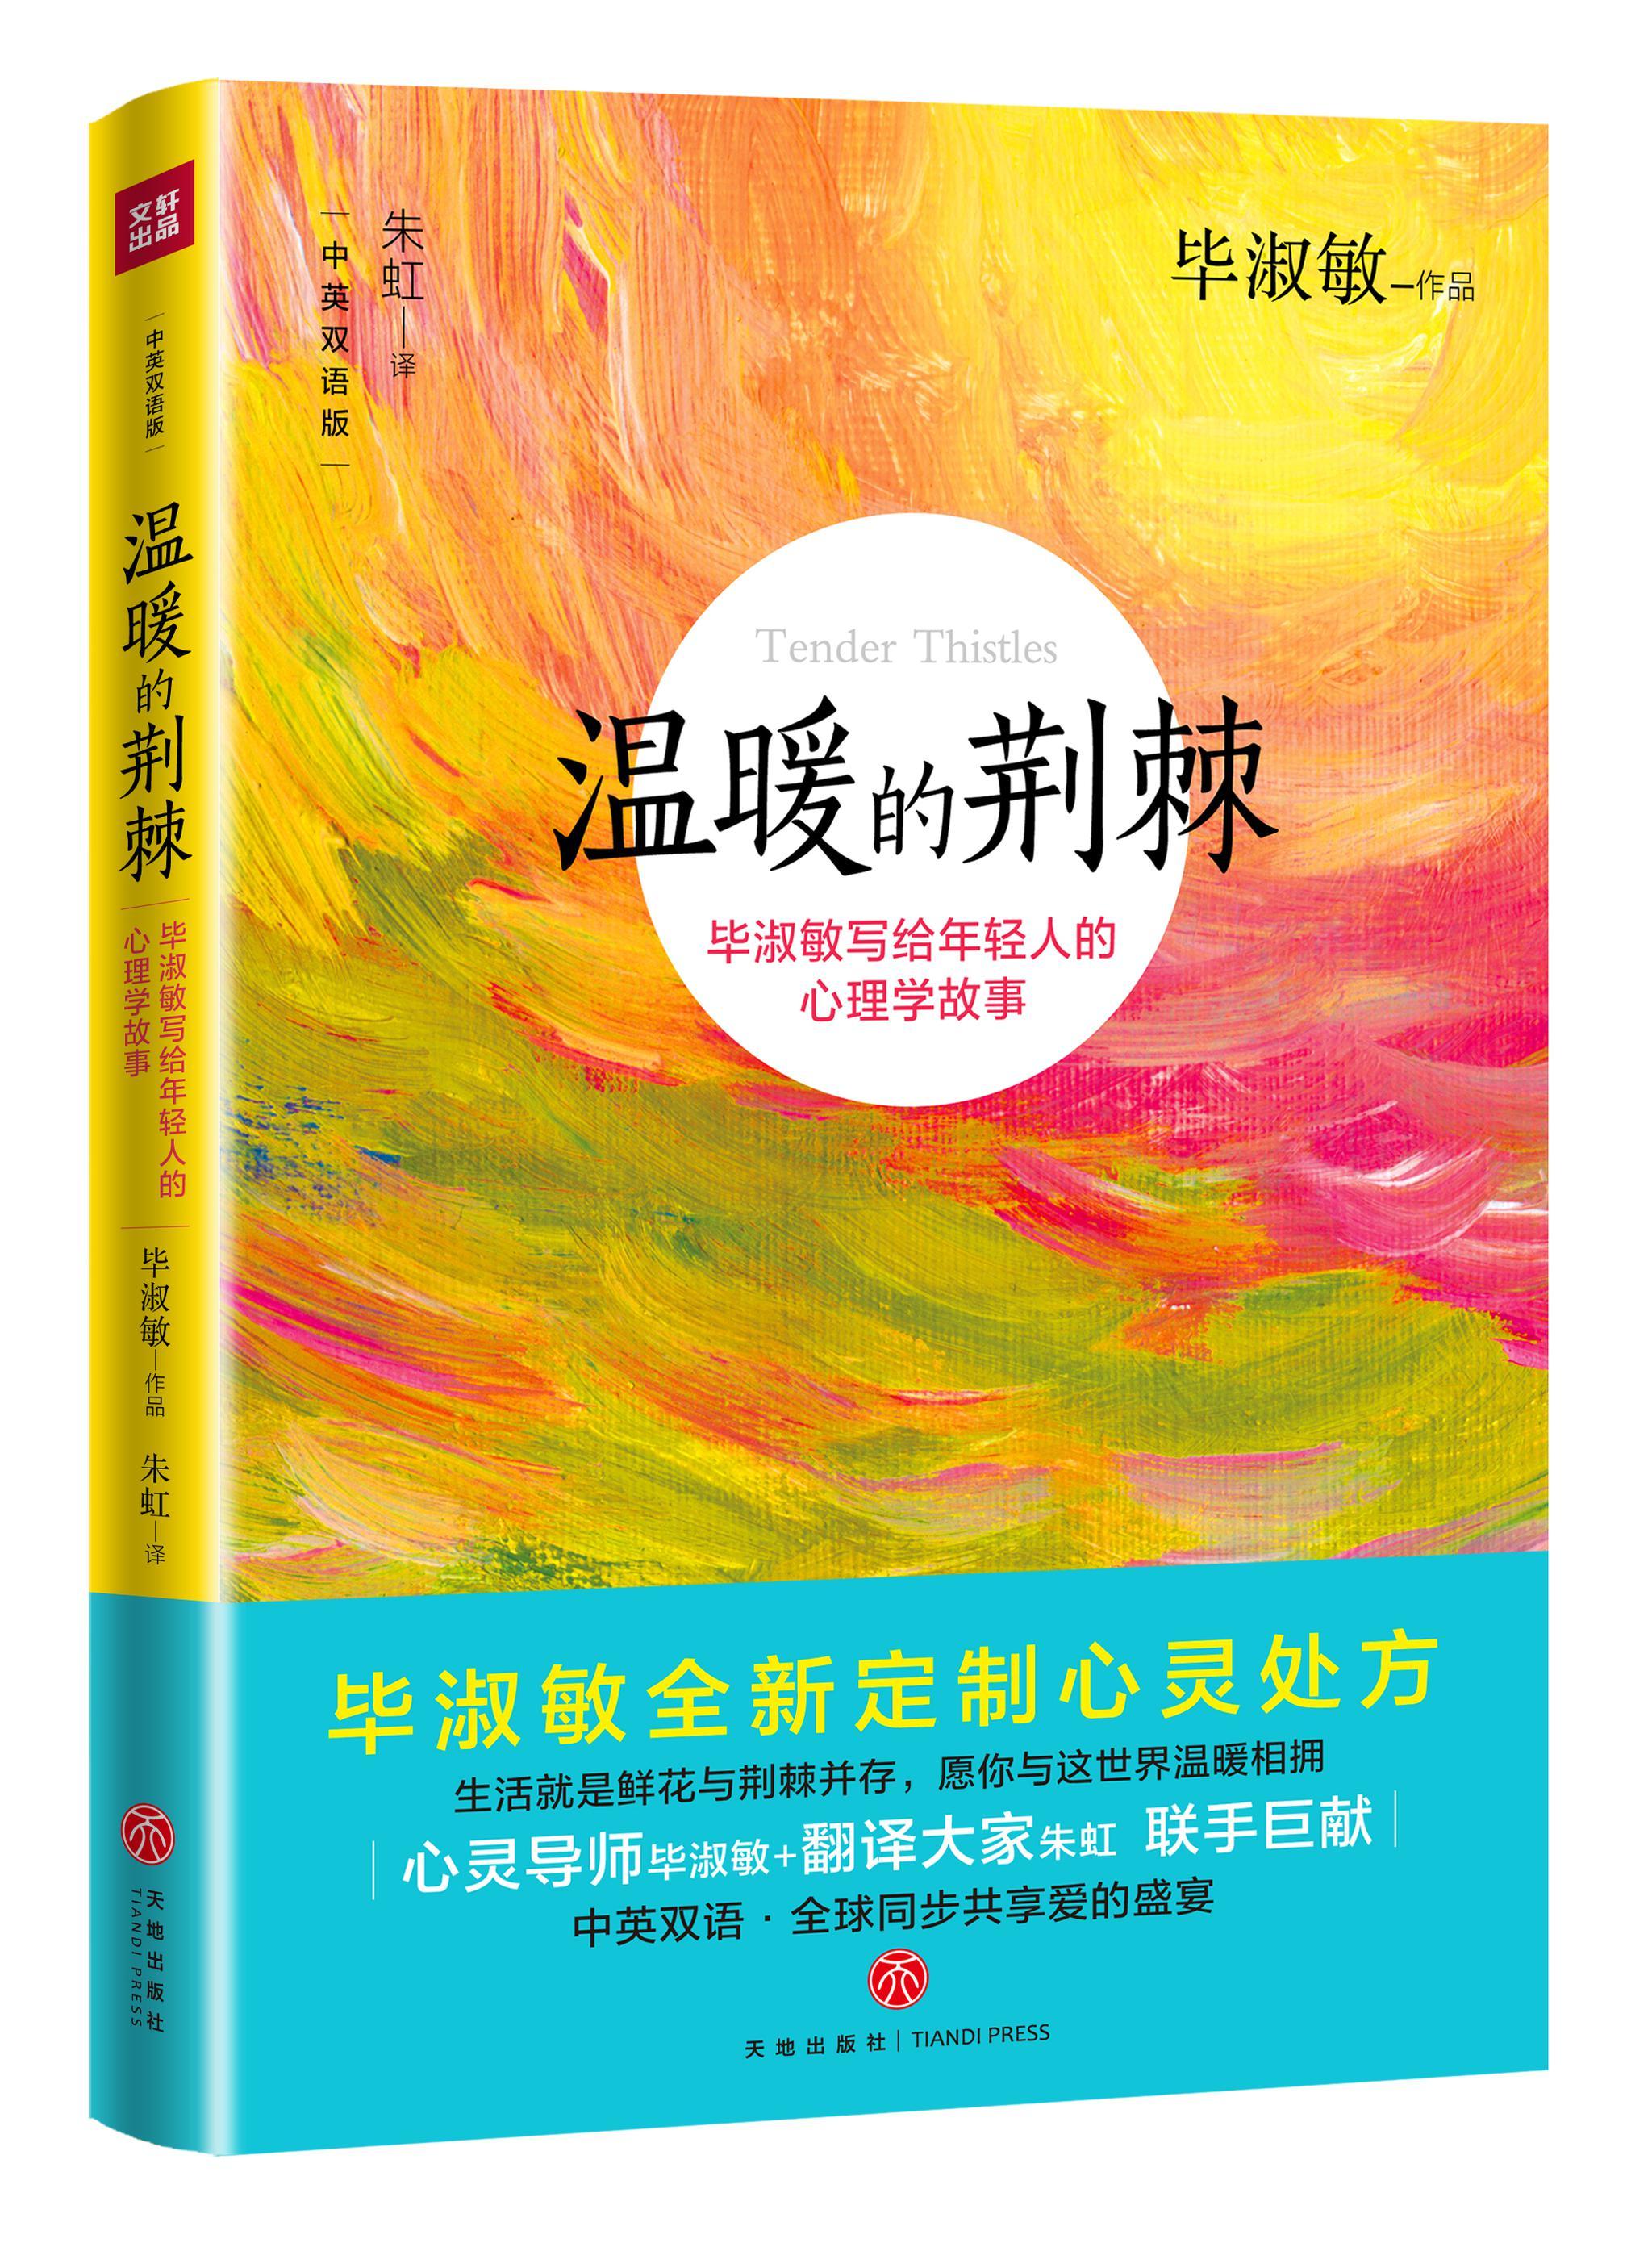 毕淑敏及其中英双语版新书《温暖的荆棘》